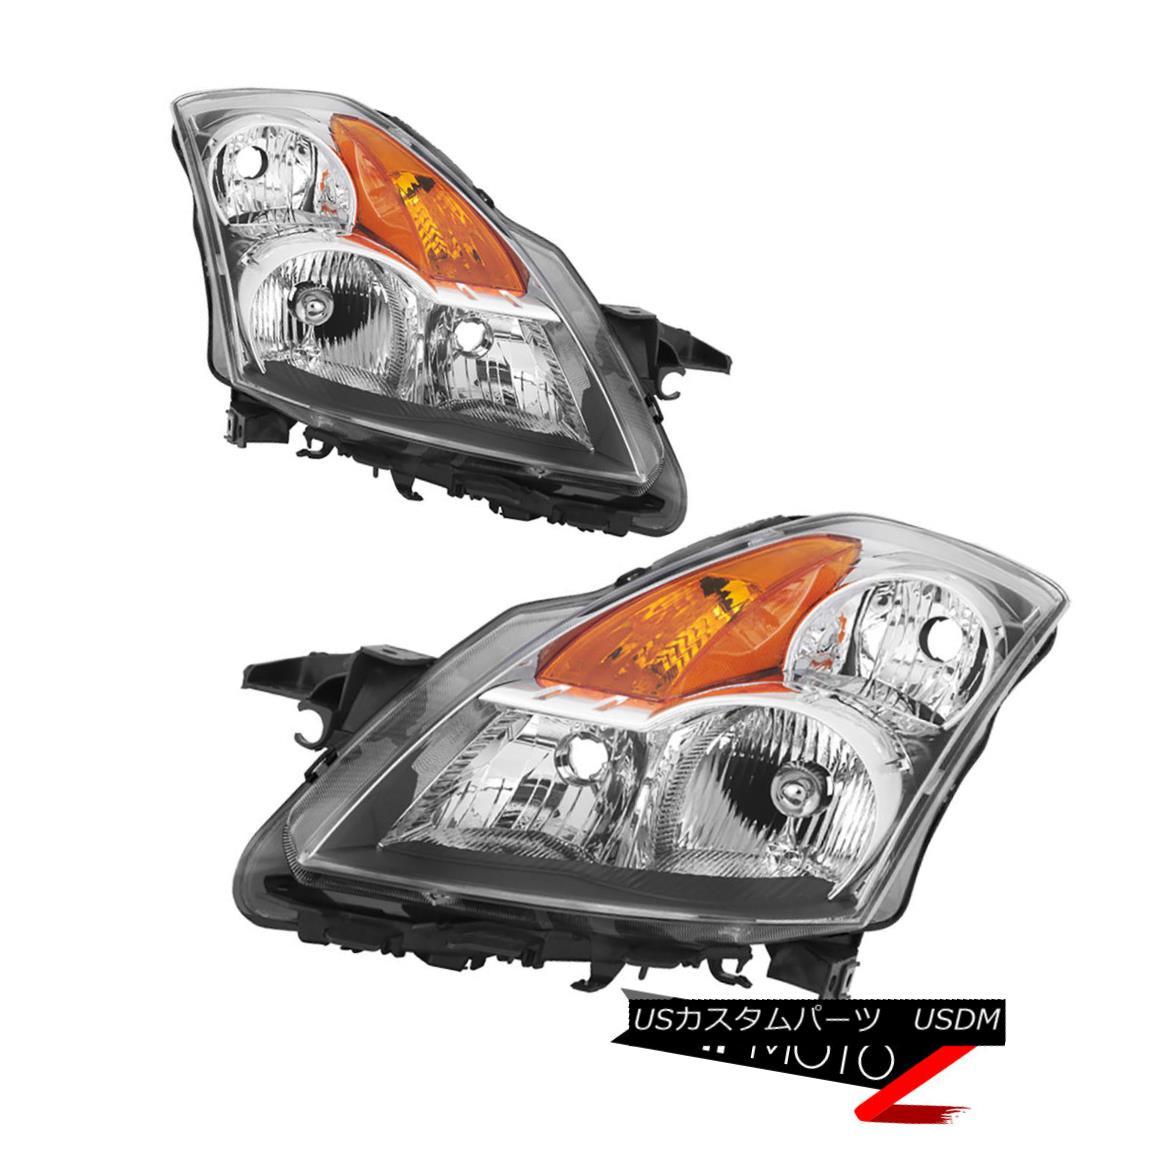 ヘッドライト {FACTORY STYLE} Chrome Reflector Headlights Lamp SET For 2007-2009 Nissan Altima {FACTORY STYLE}クロム反射板ヘッドライトランプ2007-2009日産日産アルティマ